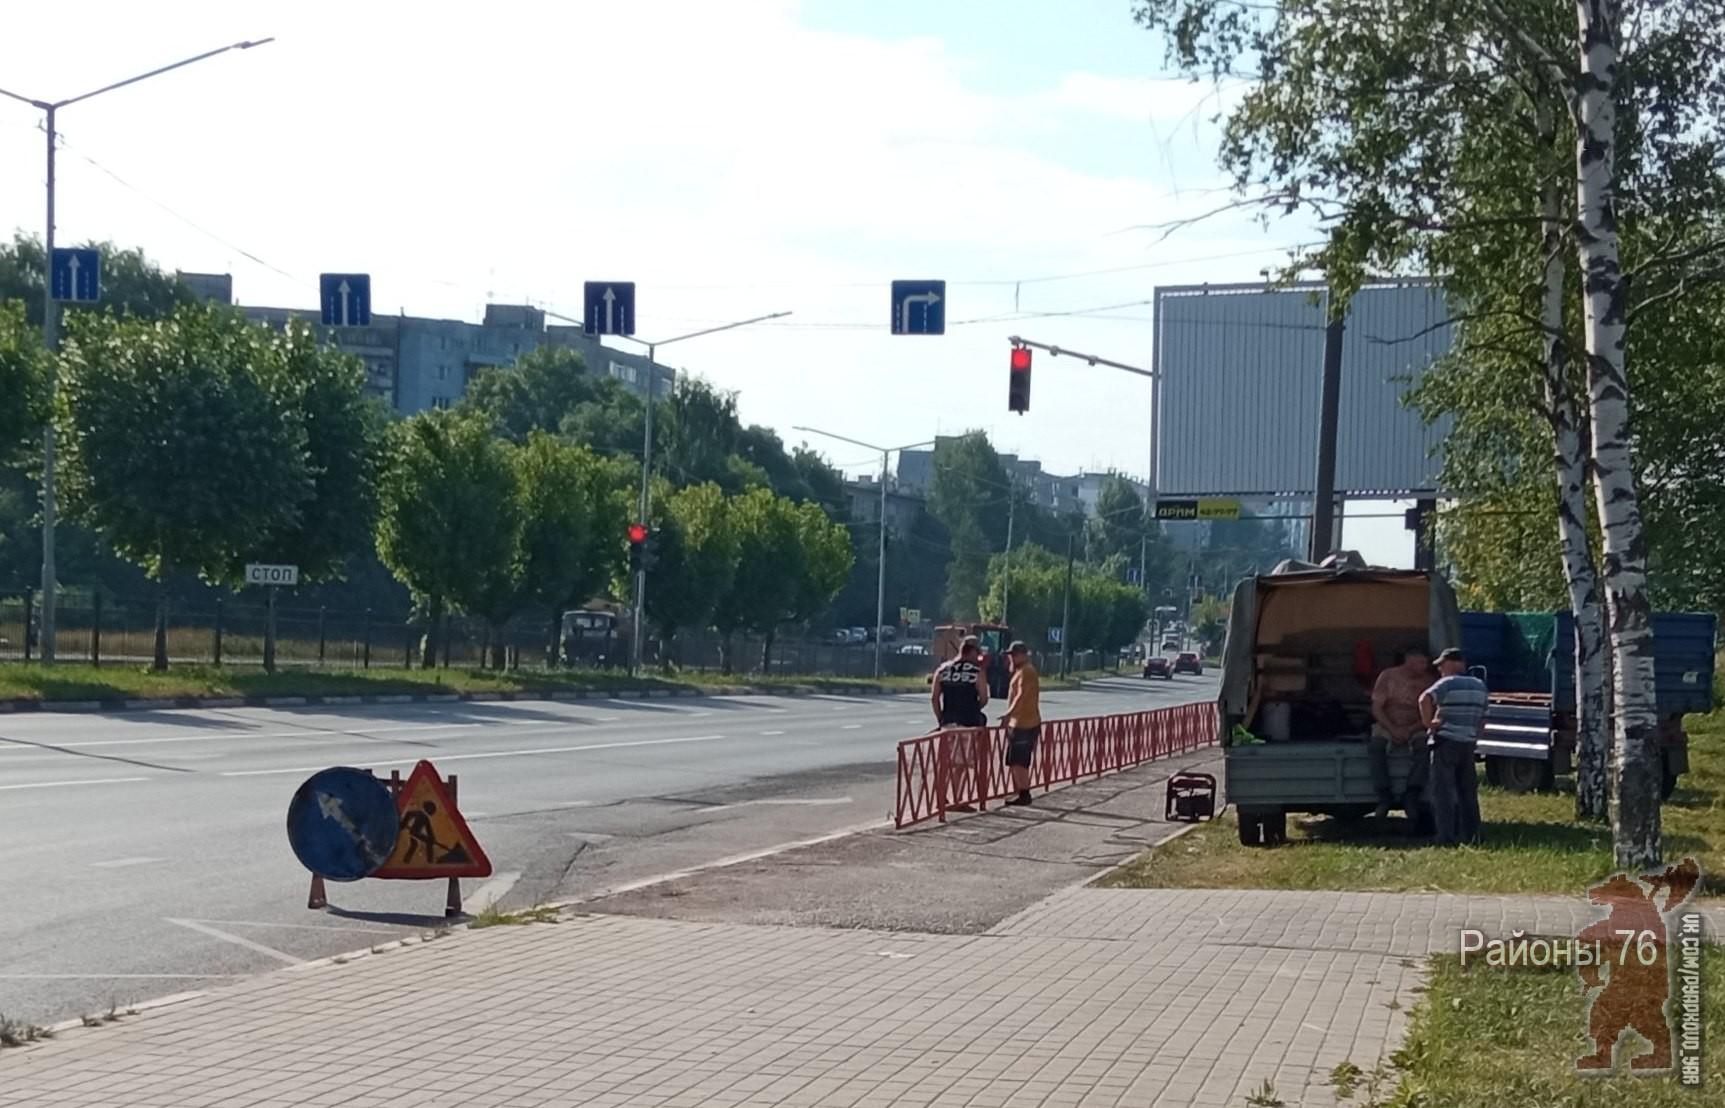 Мэр Ярославля ответил на критику Ильи Варламова за дорожные ограждения